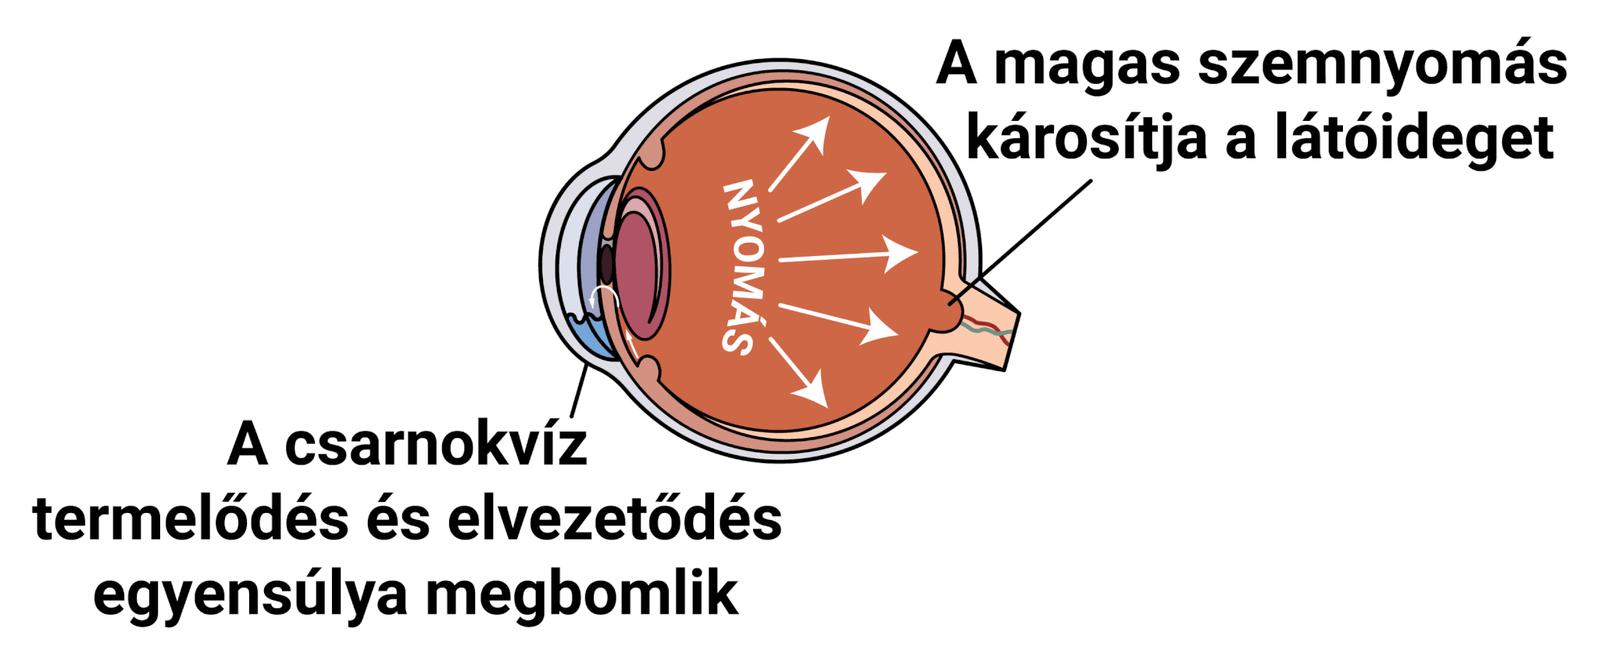 Öt eset, amikor mindenképp szemészhez kell fordulni